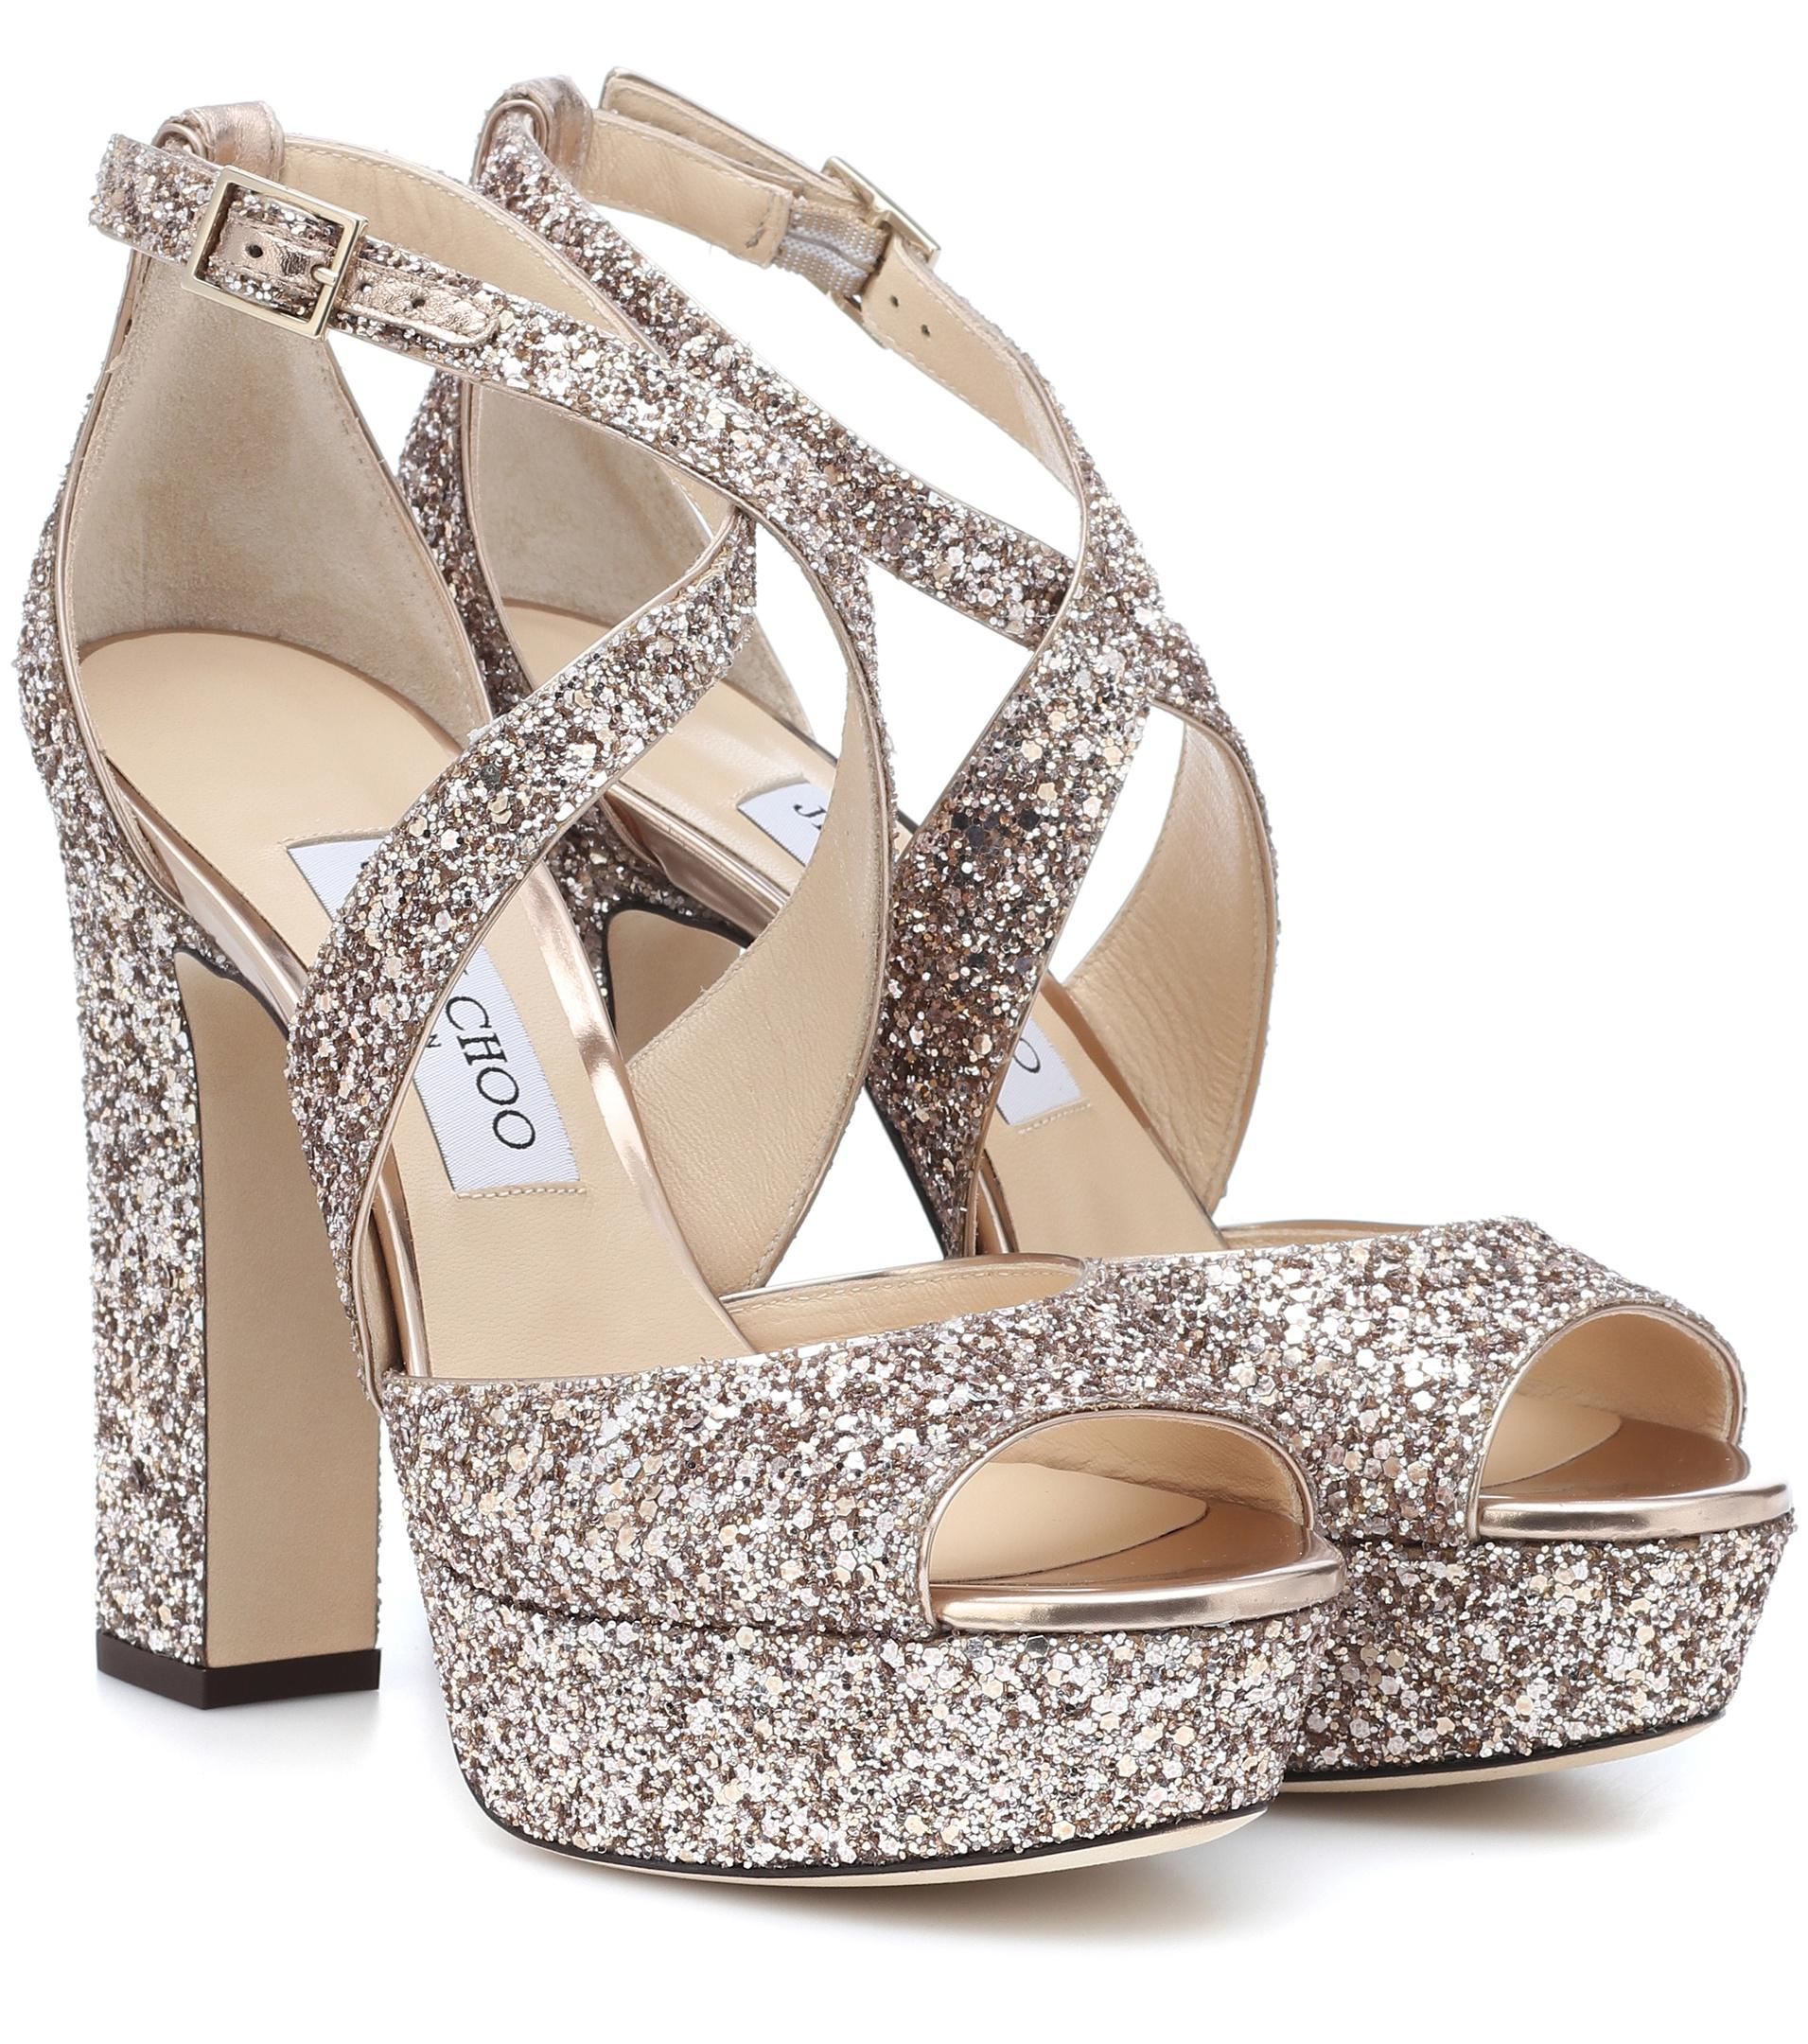 35d1f93d904 Jimmy Choo April 120 Glitter Plateau Sandals in Pink - Lyst